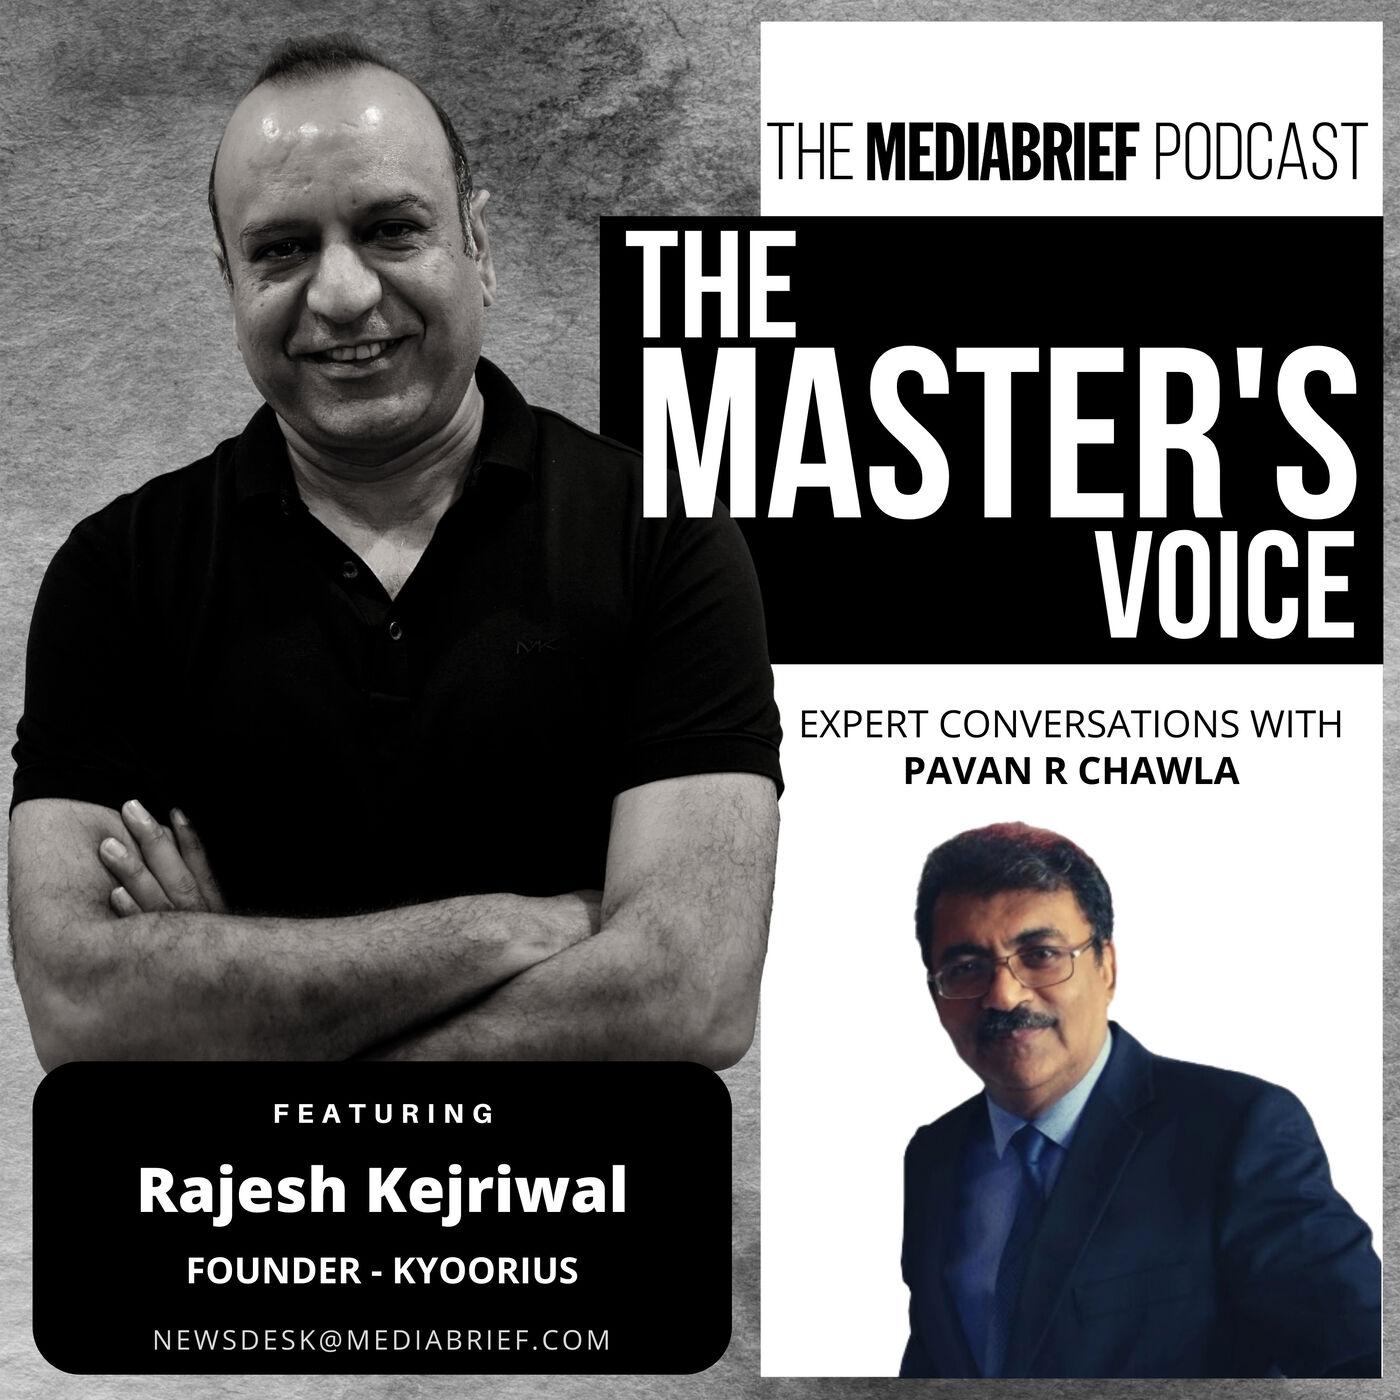 In The Master's Voice, Rajesh Kejriwal of Kyoorius Group speaks with Pavan R Chawla of MediaBrief.com